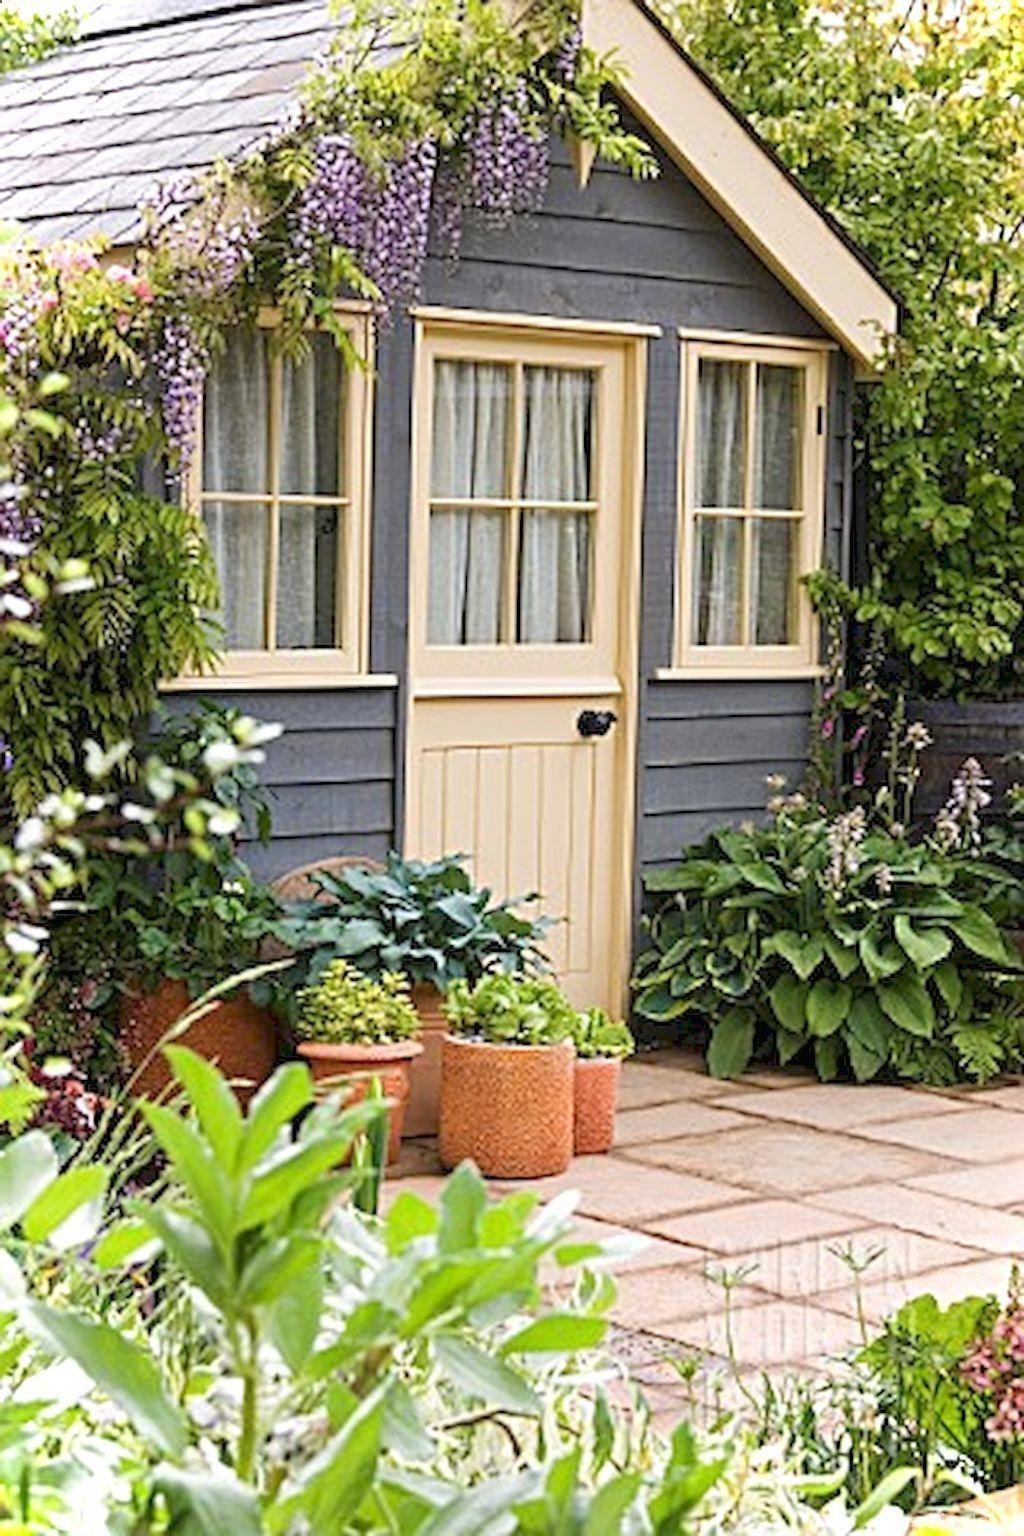 Shed DIY   Inspiring Garden Shed Ideas You Can Afford 56 #gardenshedideas  Now You Can